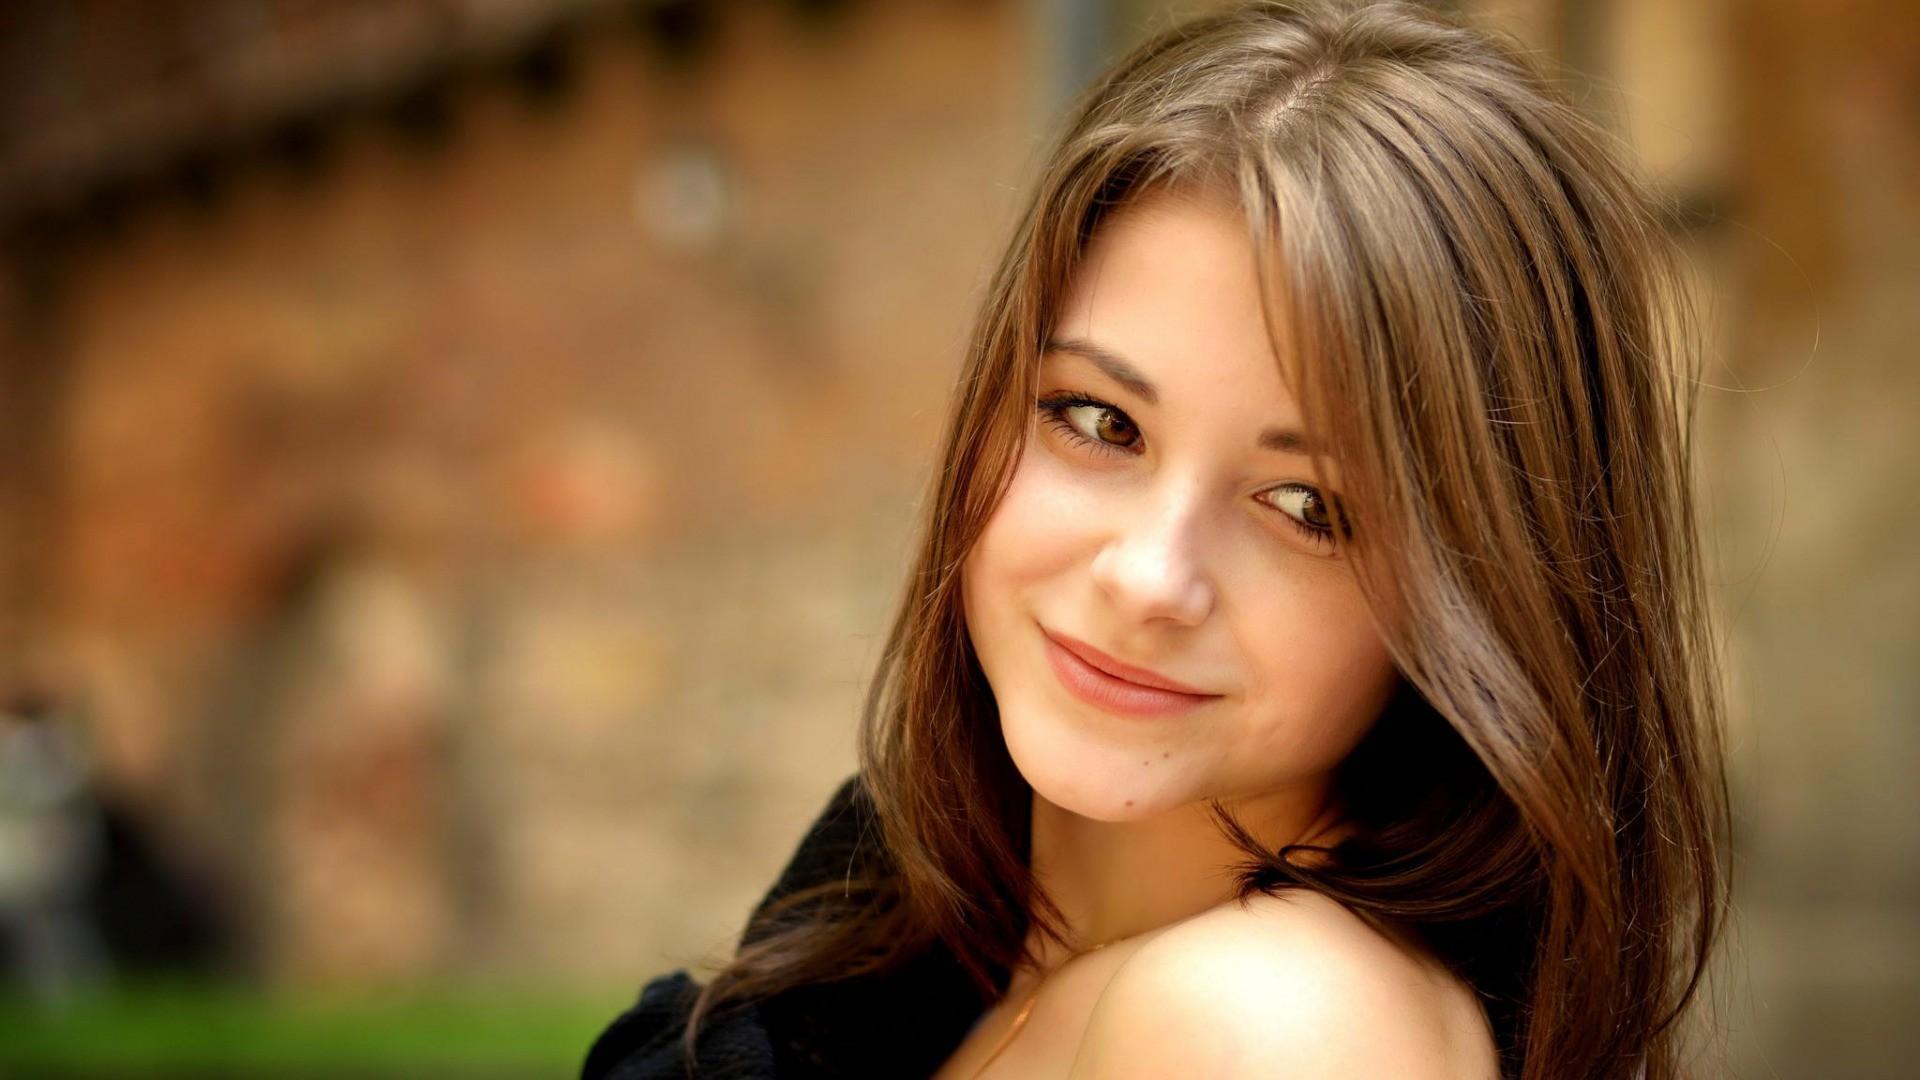 Красивые девушки на фото высокого разрешения